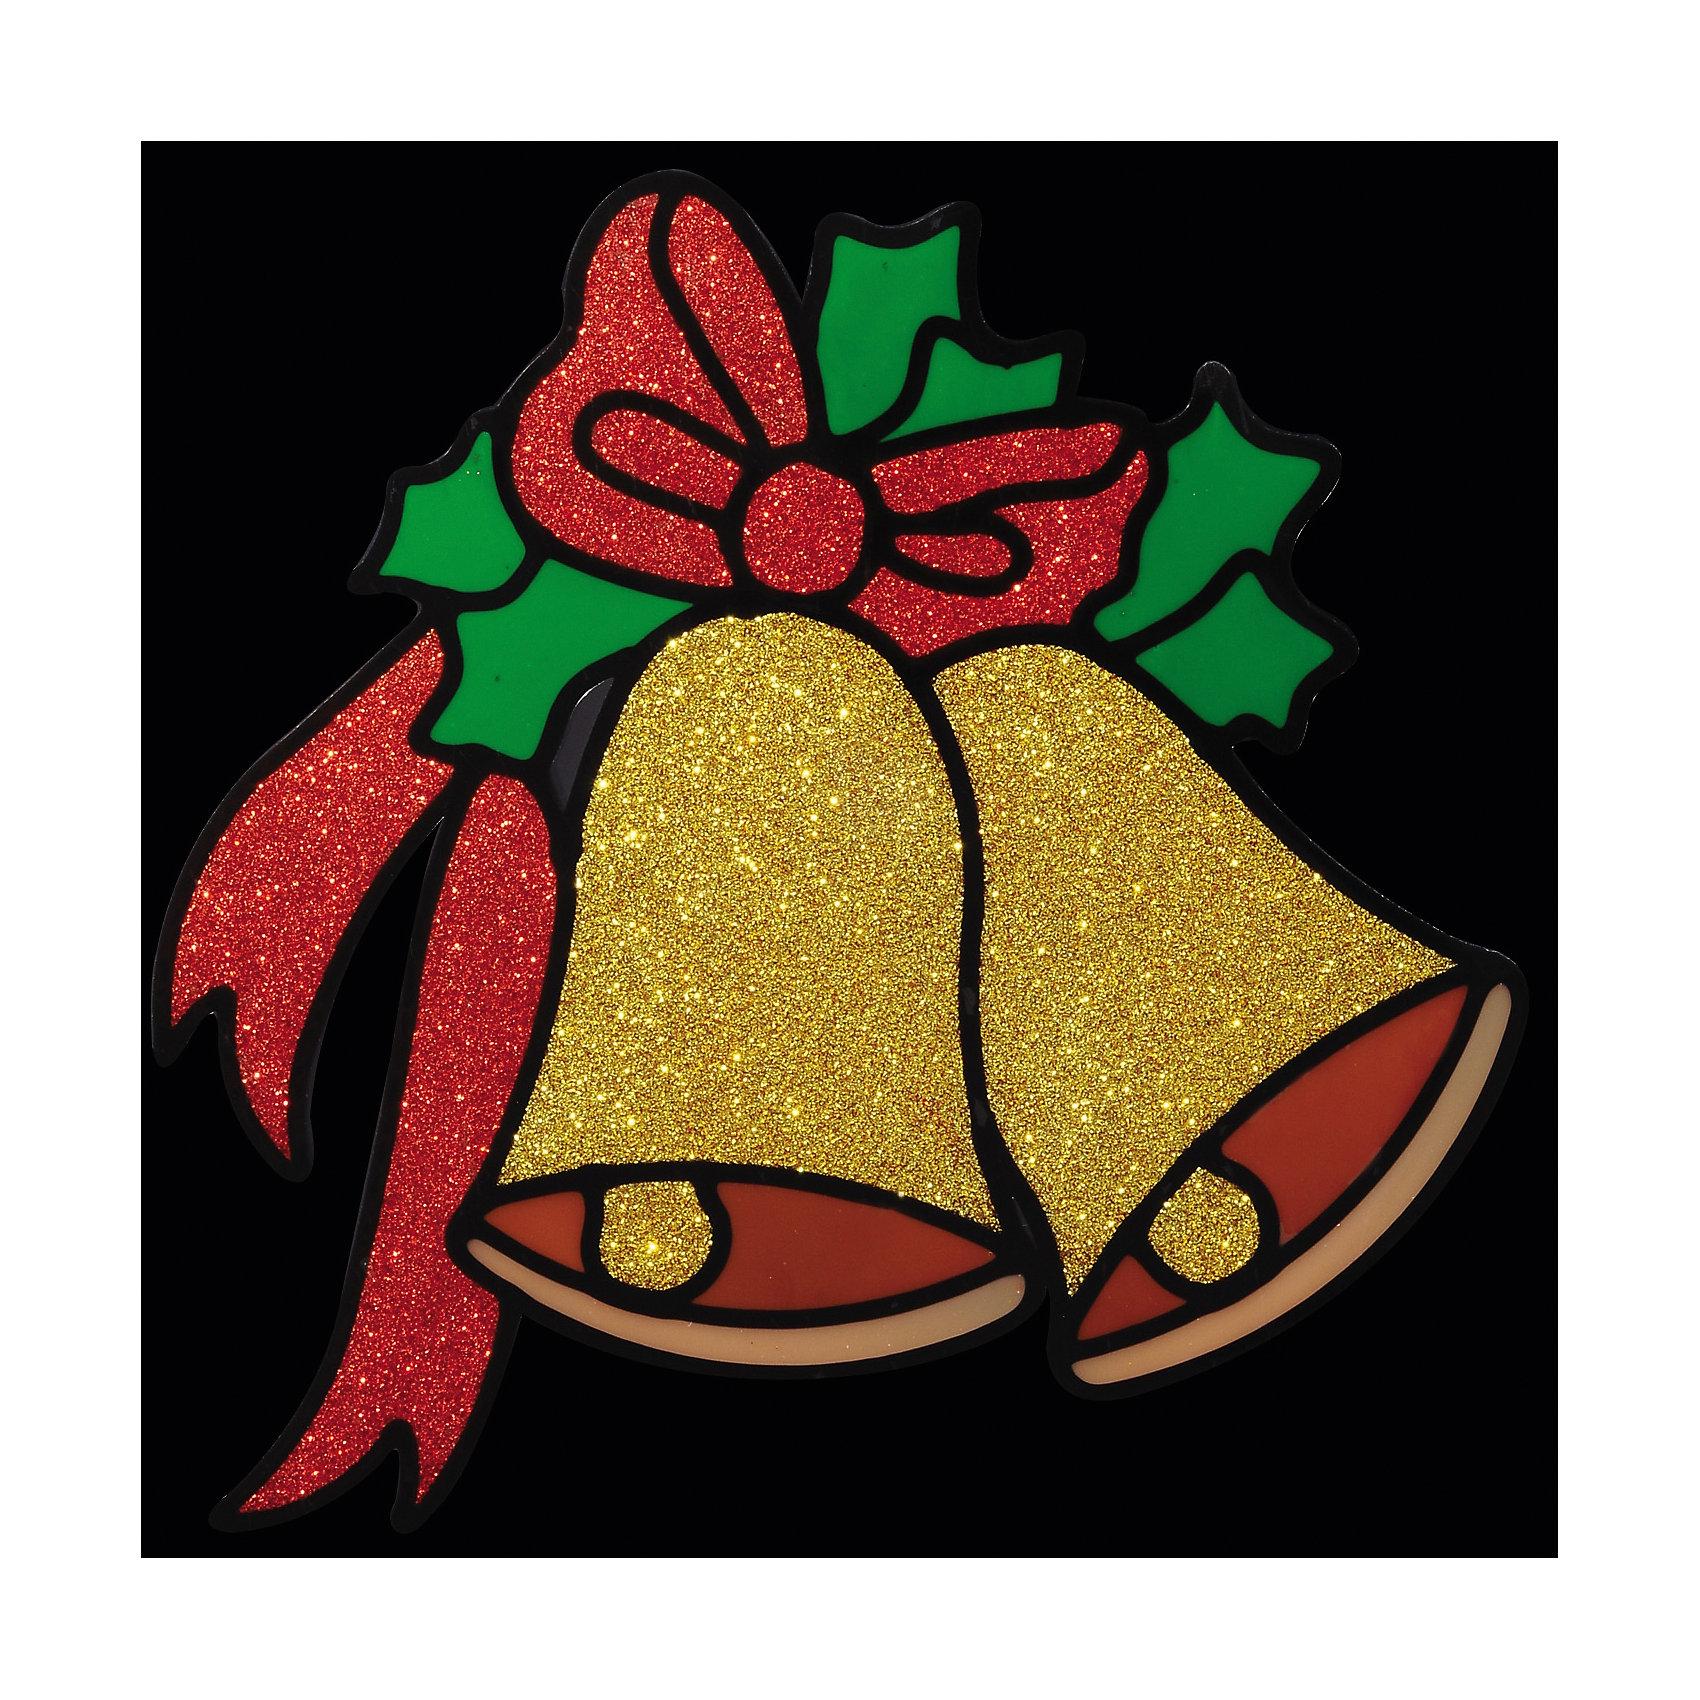 Наклейка на окно Колокольчики 14,5*14,5 смНаклейка на окно Колокольчики 14,5*14,5 см превосходно подходит для праздничного оформления витрин, окон, зеркал и других элементов интерьера. Наклейка выполнена в виде 2 колокольчиков с бантиком, богато обсыпанных золотыми и красными блестками, она создаст новогоднюю атмосферу в любом помещении, превратив окно в сказочный витраж! <br><br>Дополнительная информация:<br>-Материалы: силикон, блестки<br>-Размер в упаковке: 14,5х0,5х14,5 см<br>-Вес в упаковке: 26 г<br>-Размер: 14,5х14,5 см<br><br>Наклейка на окно Колокольчики 14,5*14,5 см можно купить в нашем магазине.<br><br>Ширина мм: 145<br>Глубина мм: 5<br>Высота мм: 145<br>Вес г: 26<br>Возраст от месяцев: 84<br>Возраст до месяцев: 2147483647<br>Пол: Унисекс<br>Возраст: Детский<br>SKU: 4286712